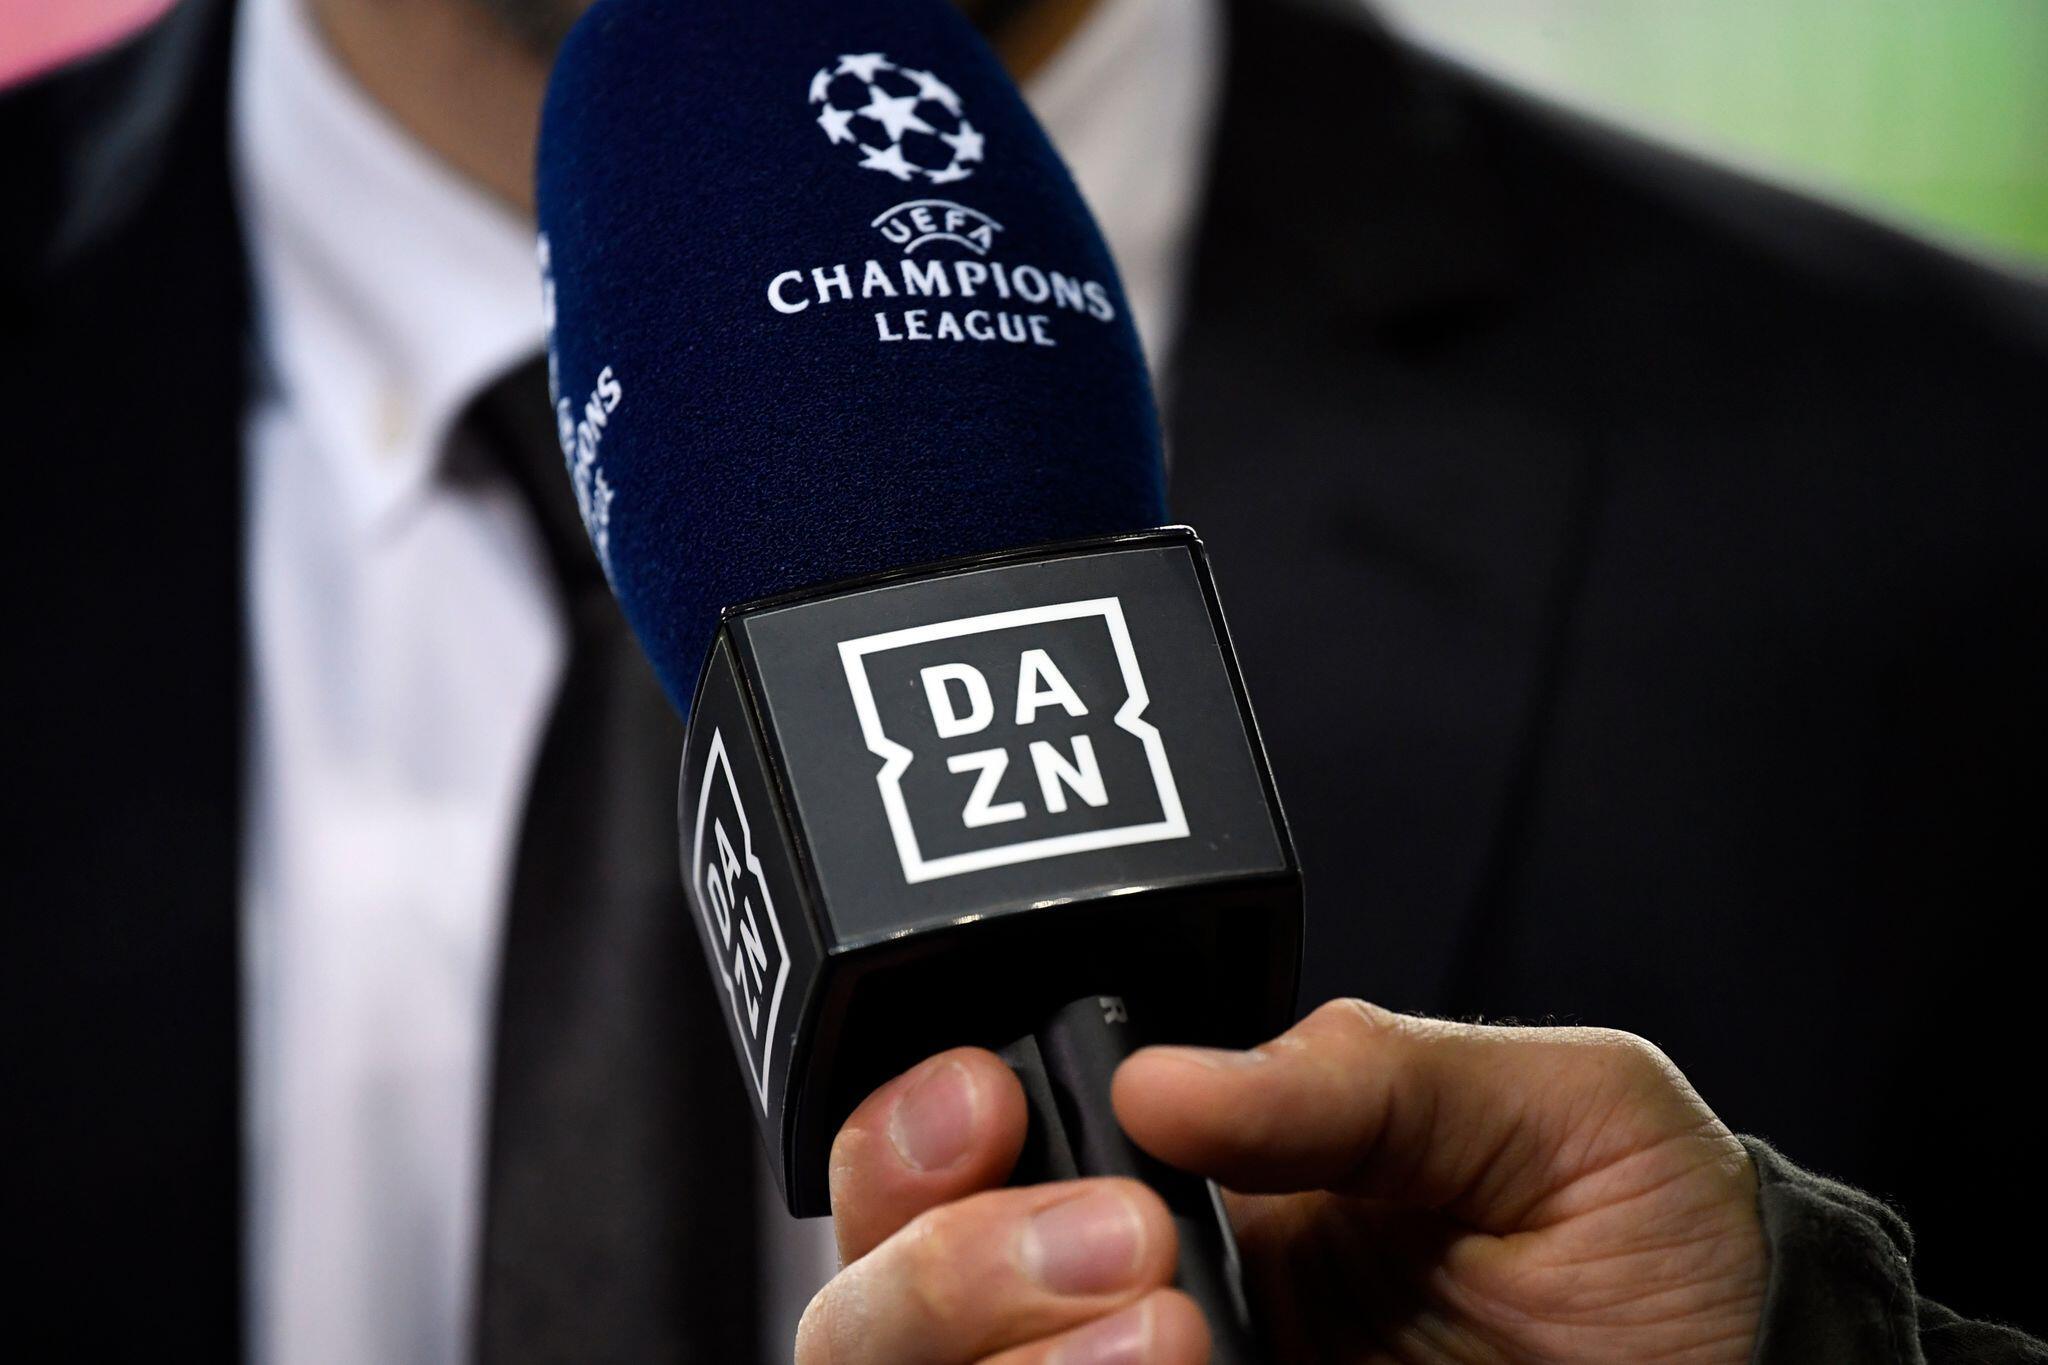 Champions League: Sky ausgestochen - DAZN zeigt ab 2021 die Spiele